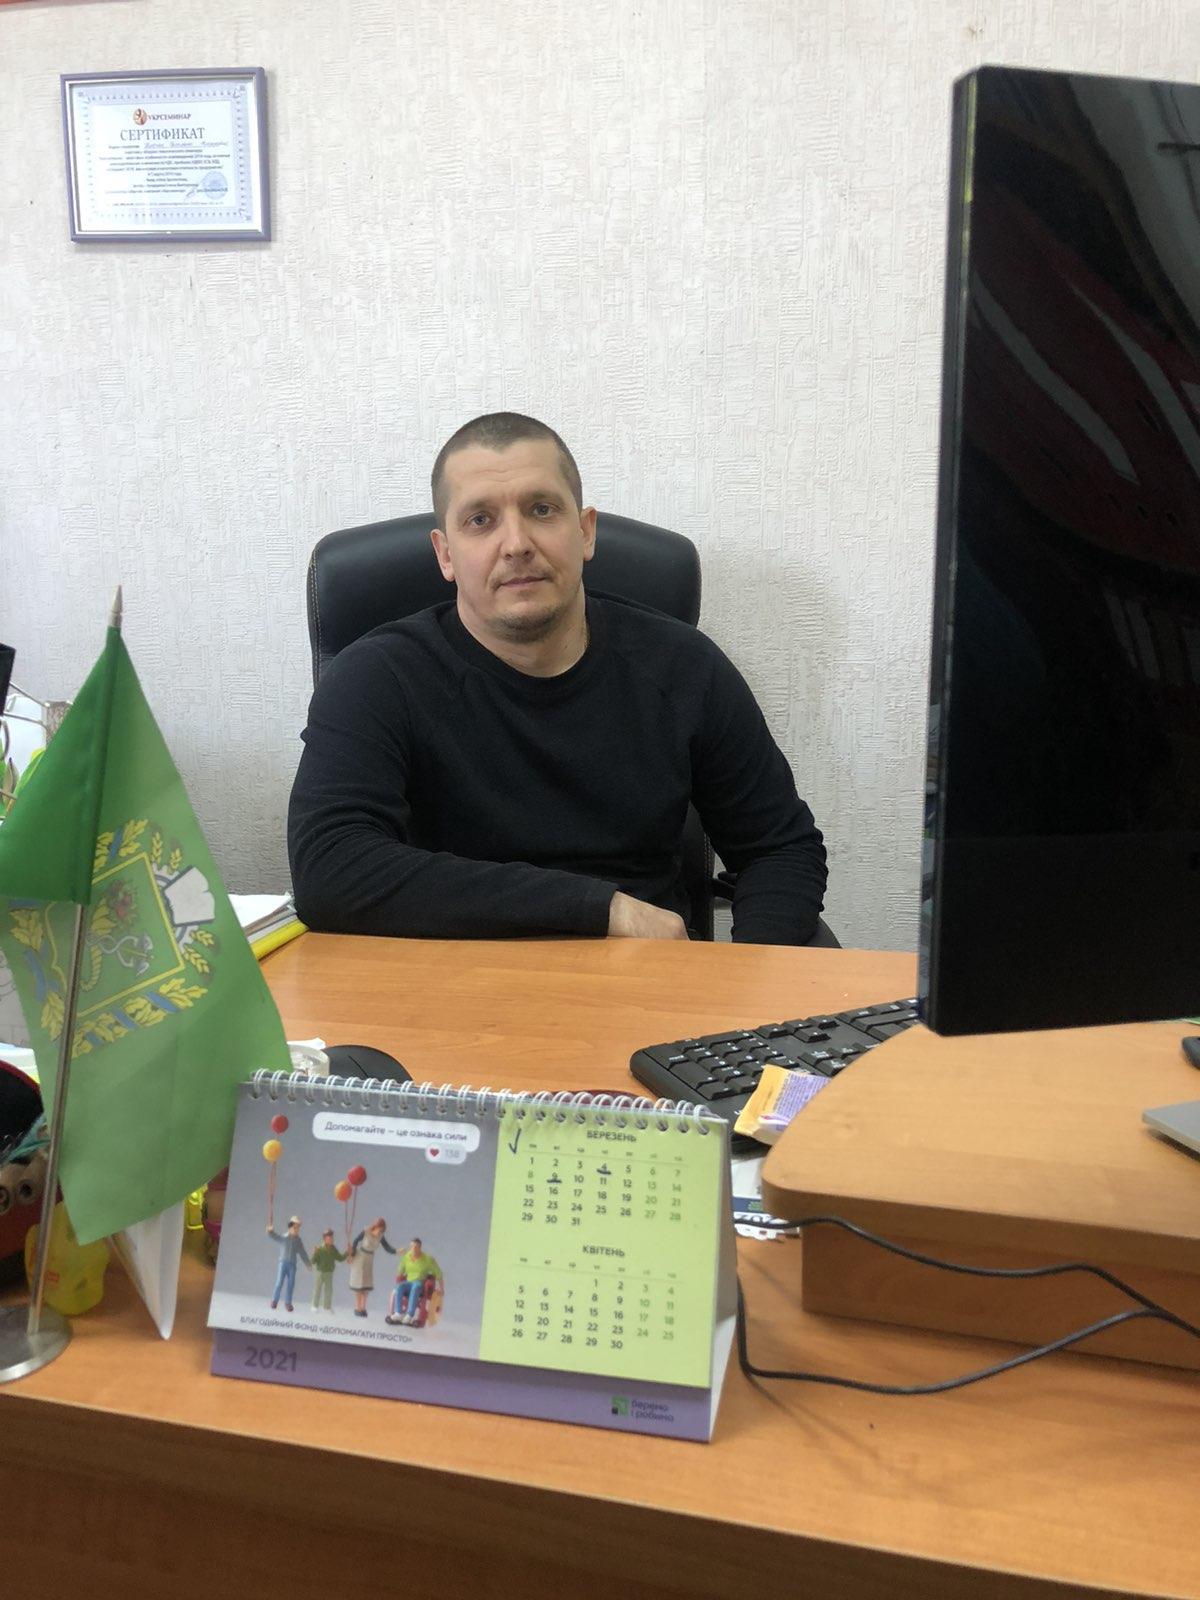 Ганзюк Сергей Александрович